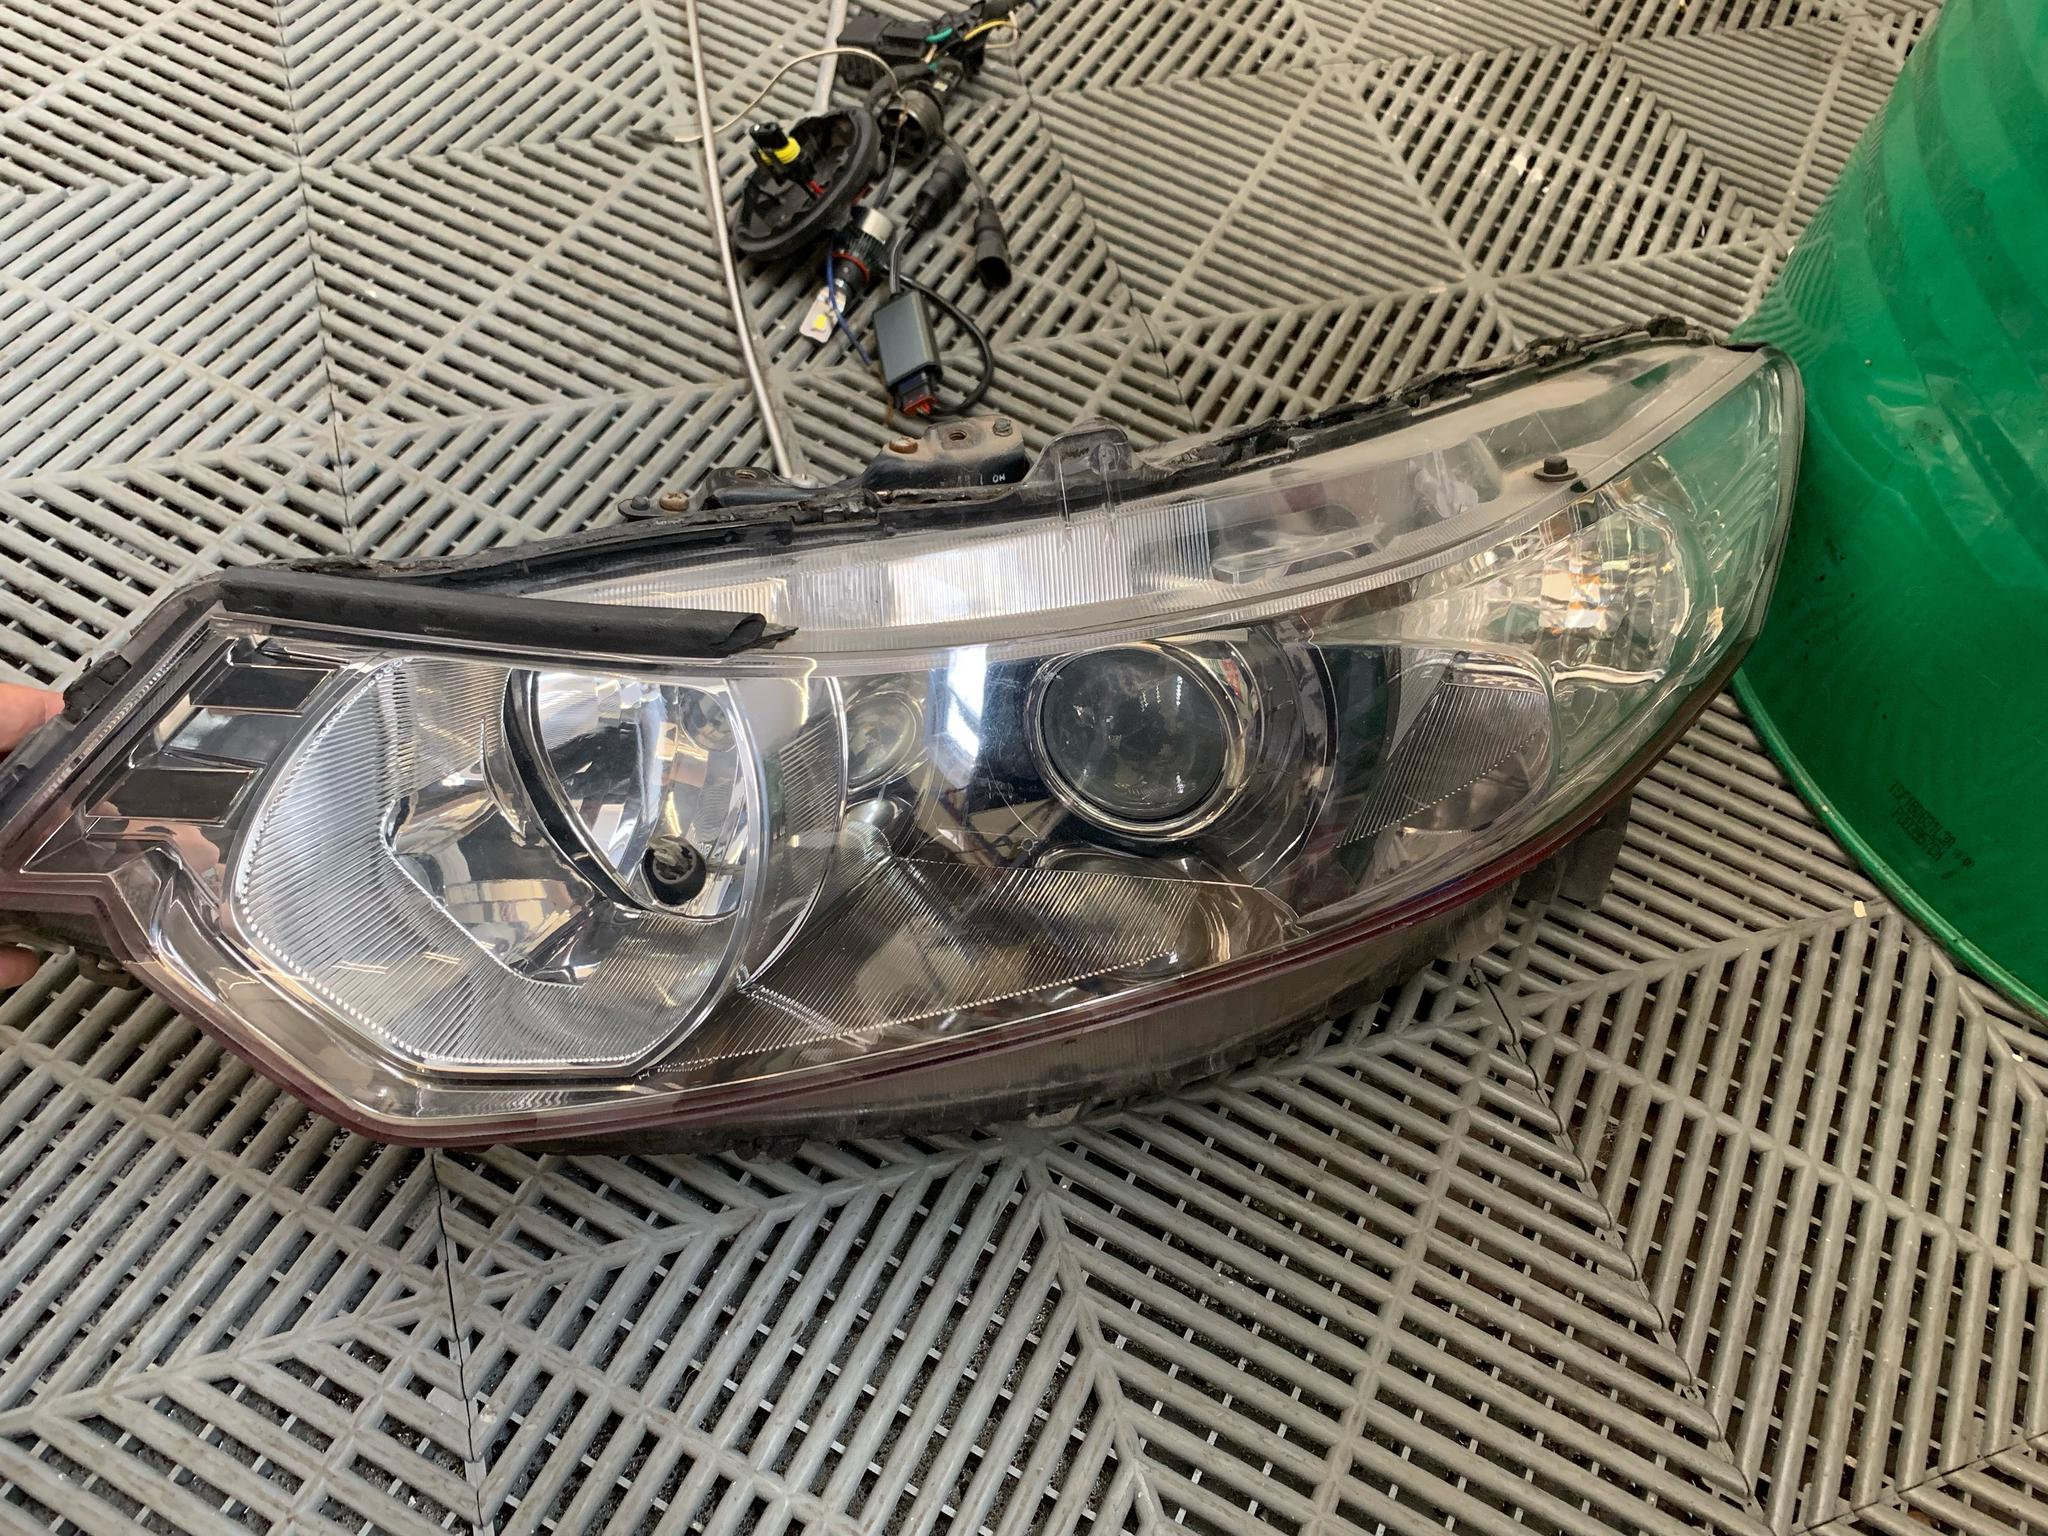 这台思铂睿,原车主在改大灯的时候,把原来的插头都直接剪了